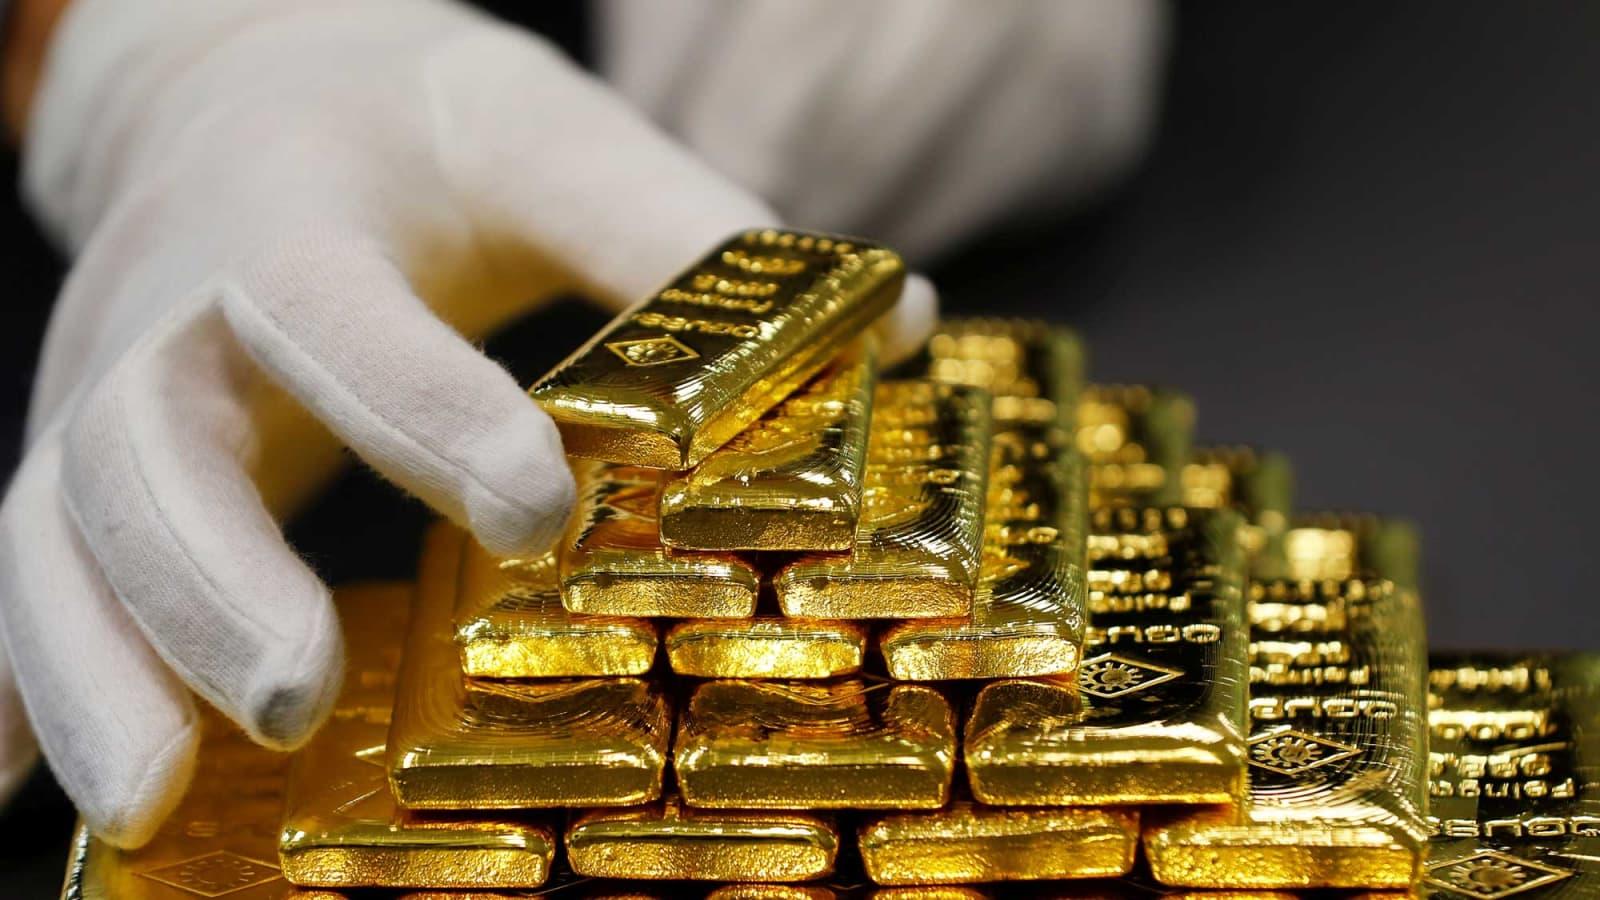 Giá vàng trong nước ngày 7/6 giảm nhẹ theo xu hướng thế giới